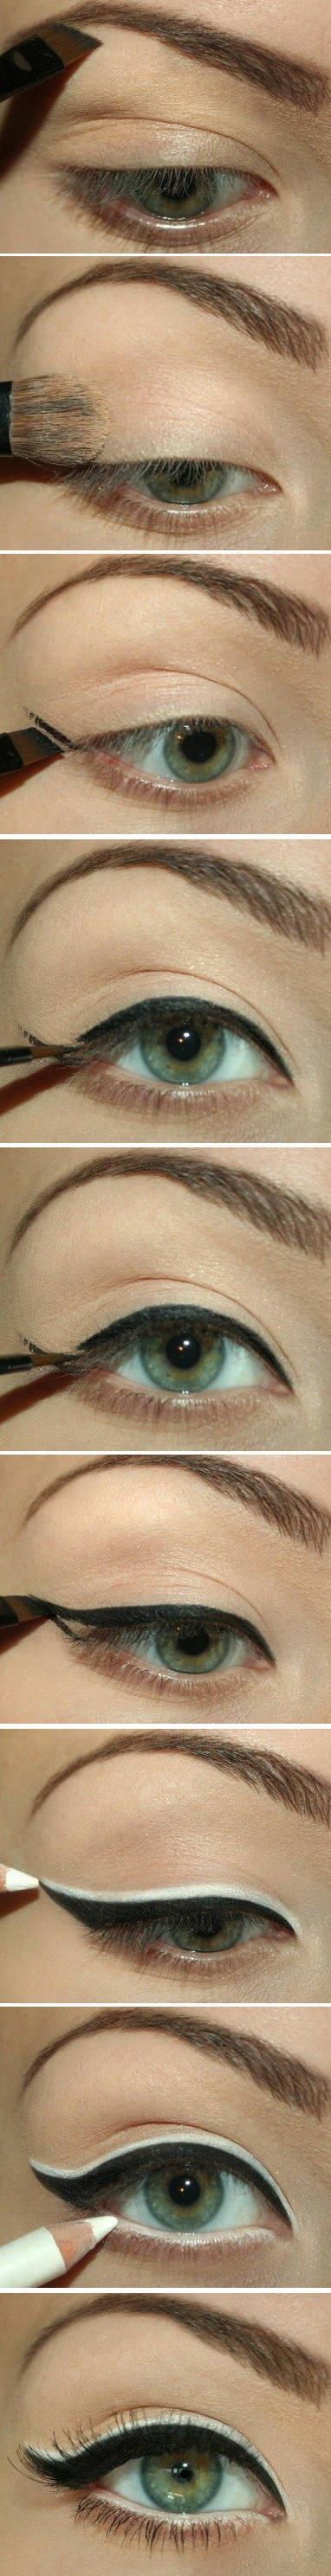 makijaż oczy - tutorial